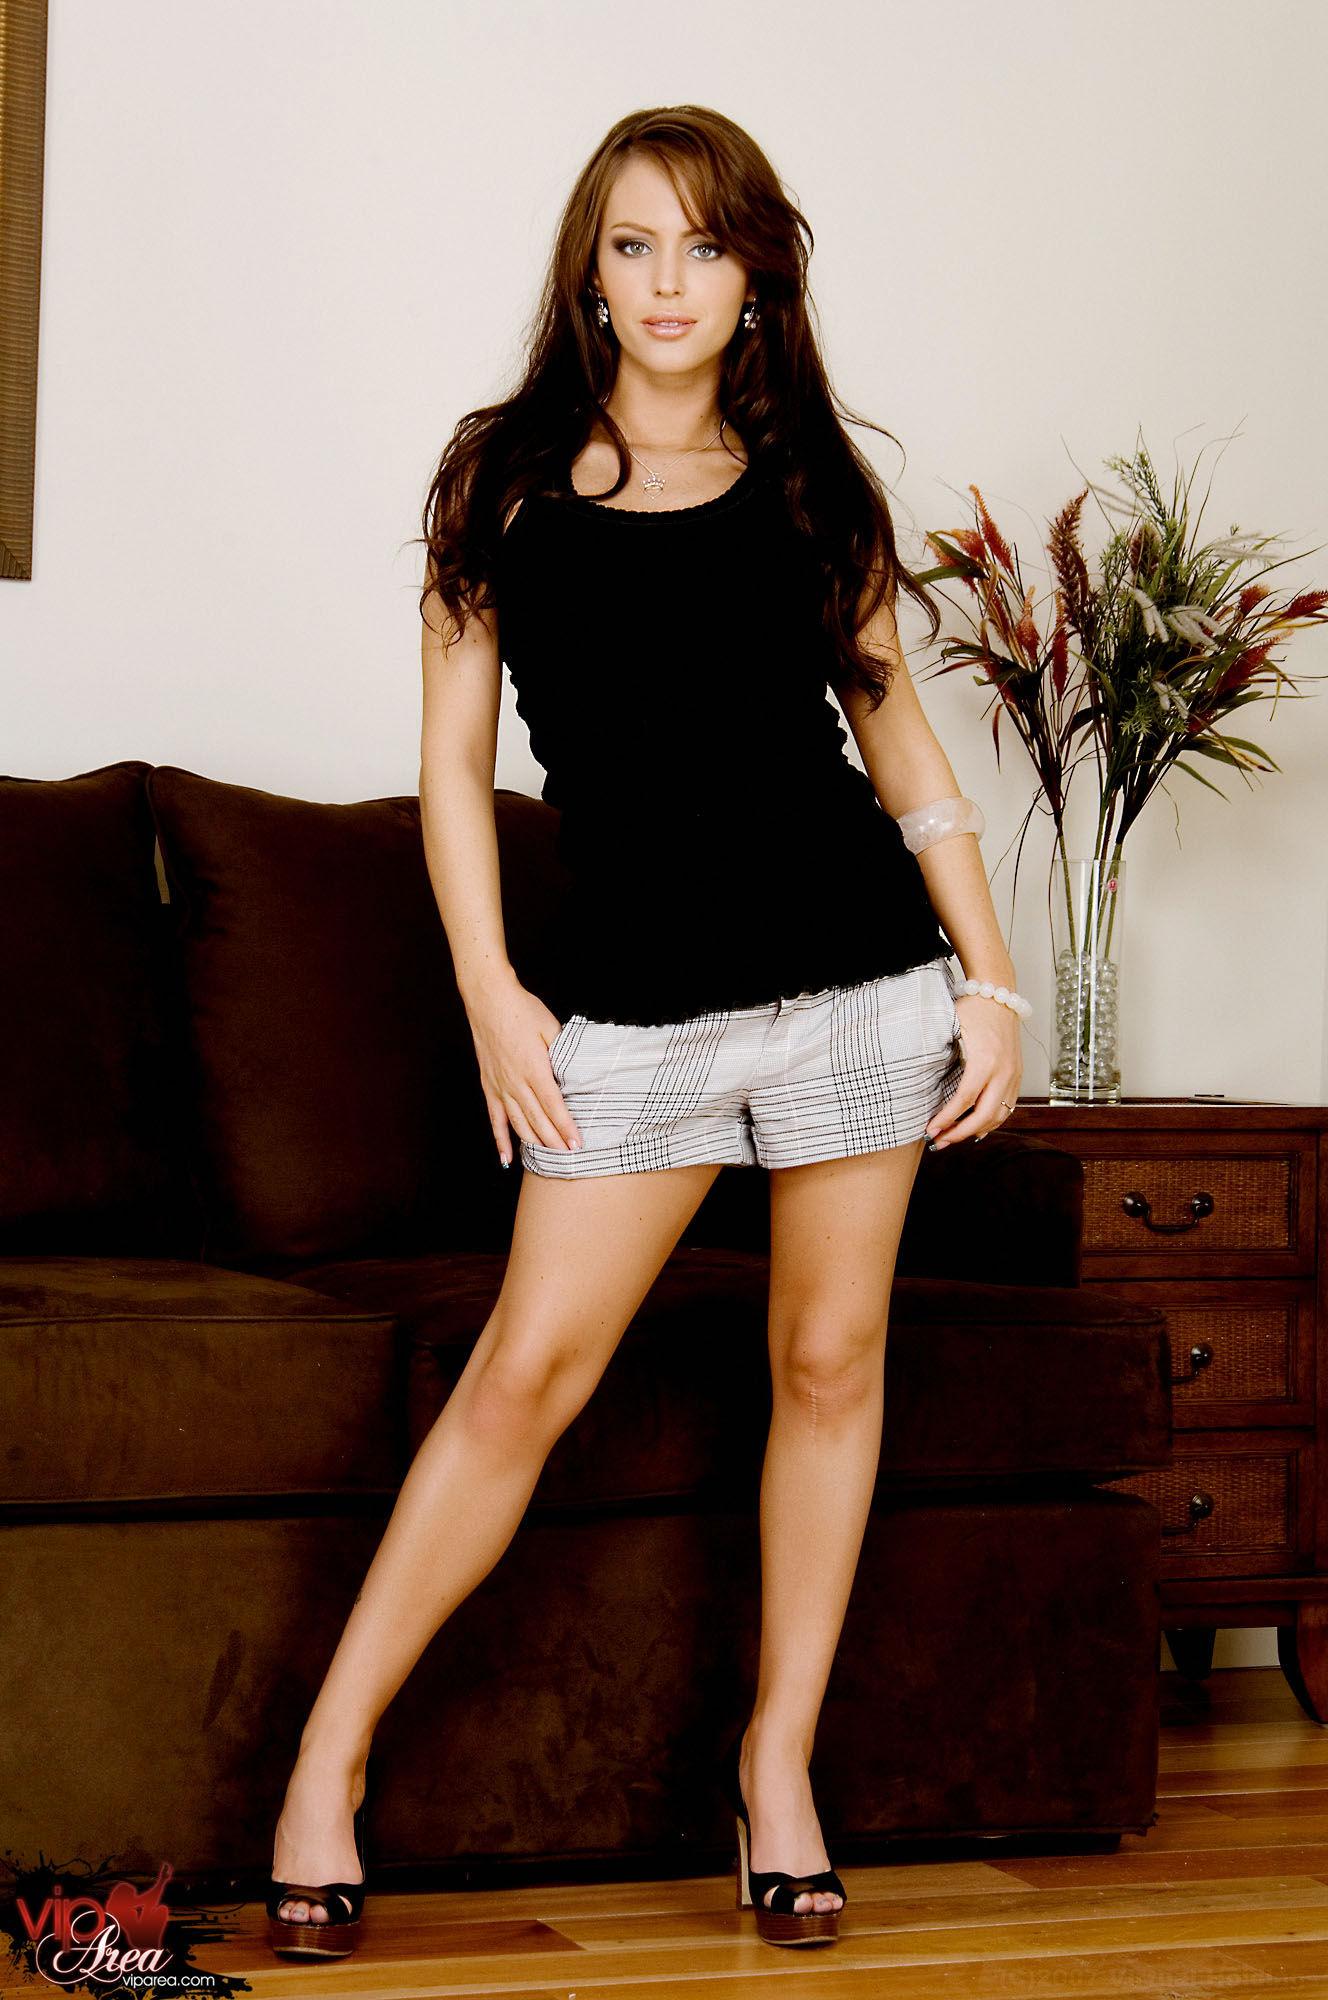 Jenna Presley - VIPArea 4031